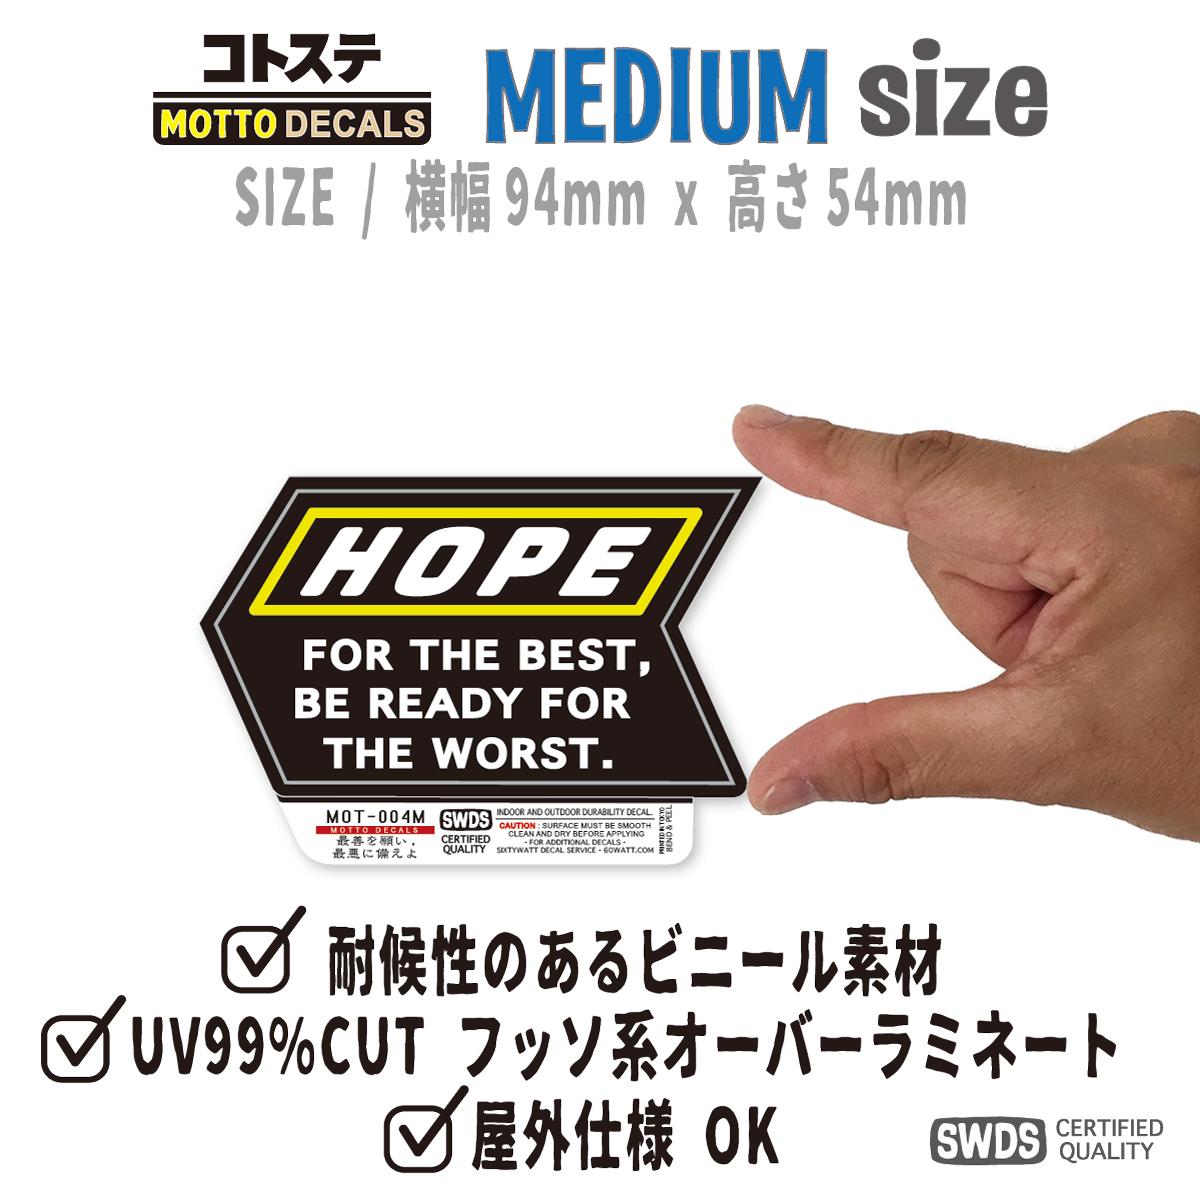 MOT-004M